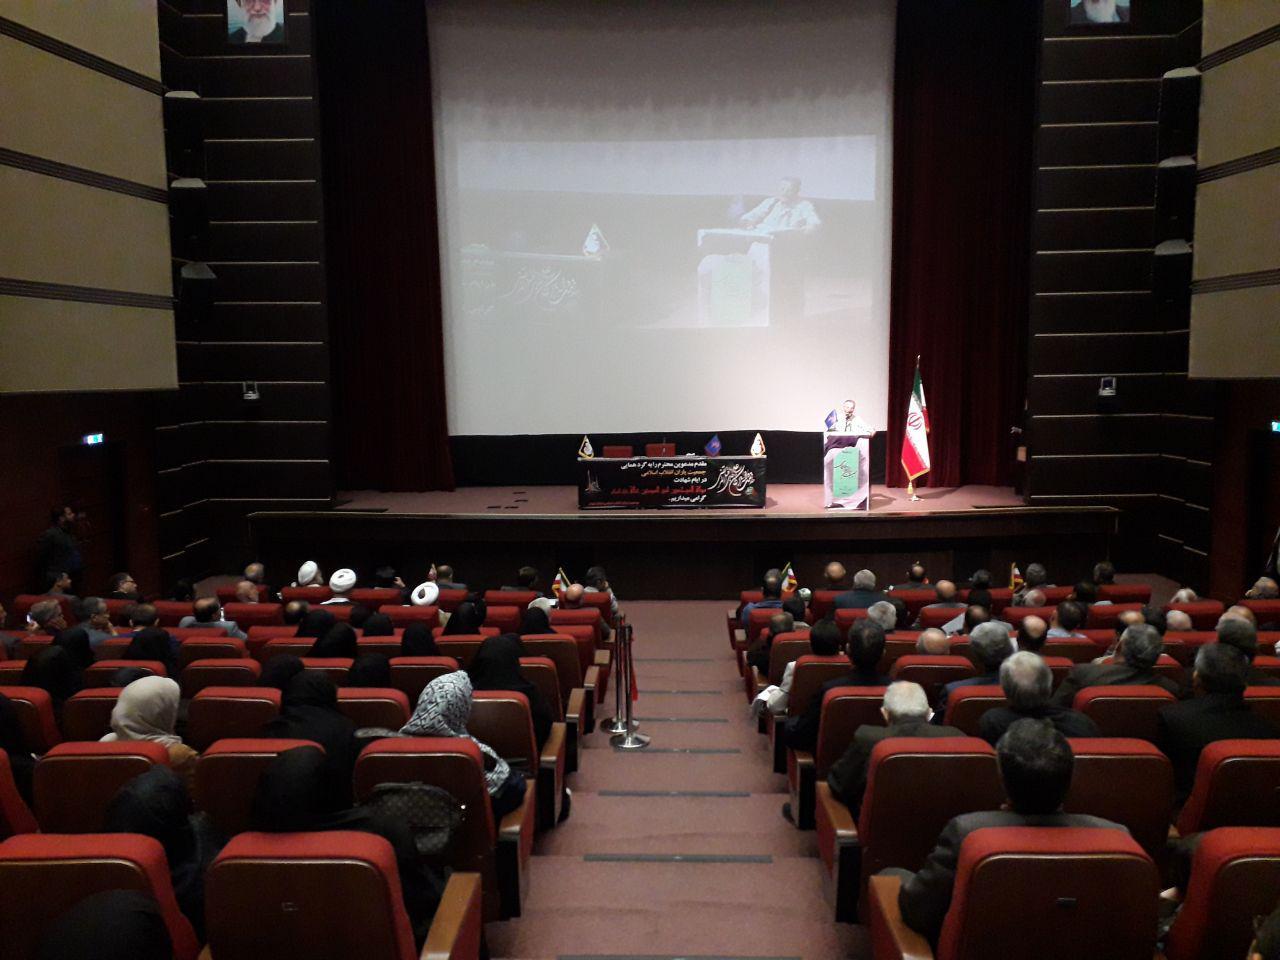 گردهمایی جمعیت یاران انقلاب اسلامی برگزار شد